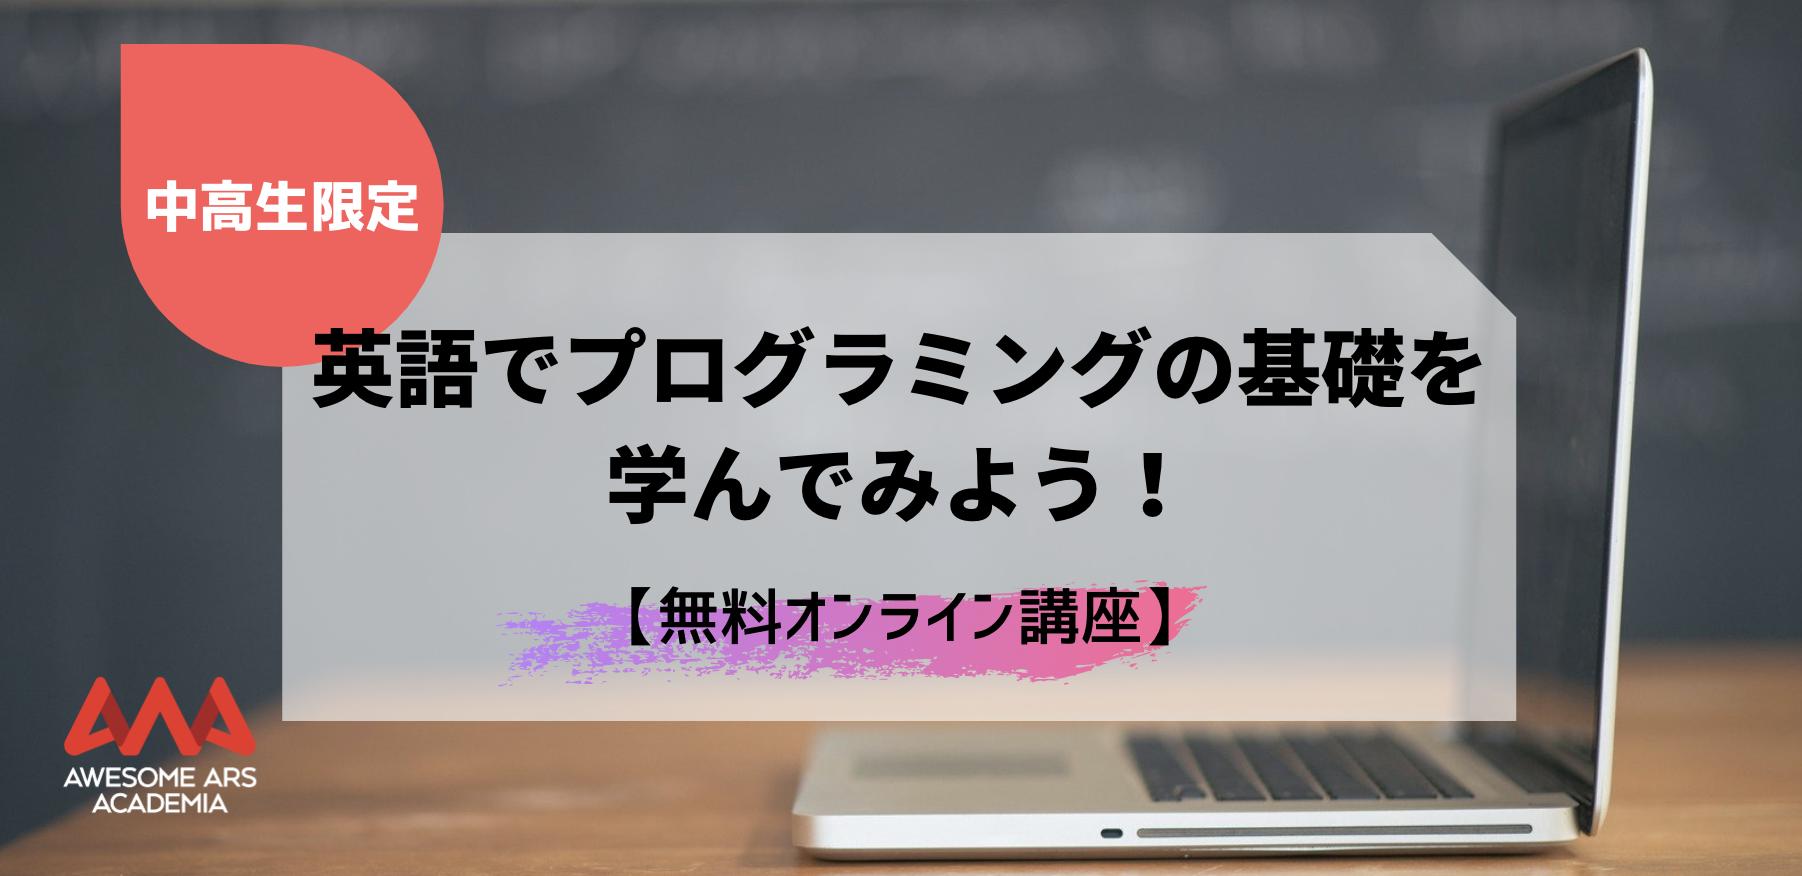 オンラインプログラミング講座